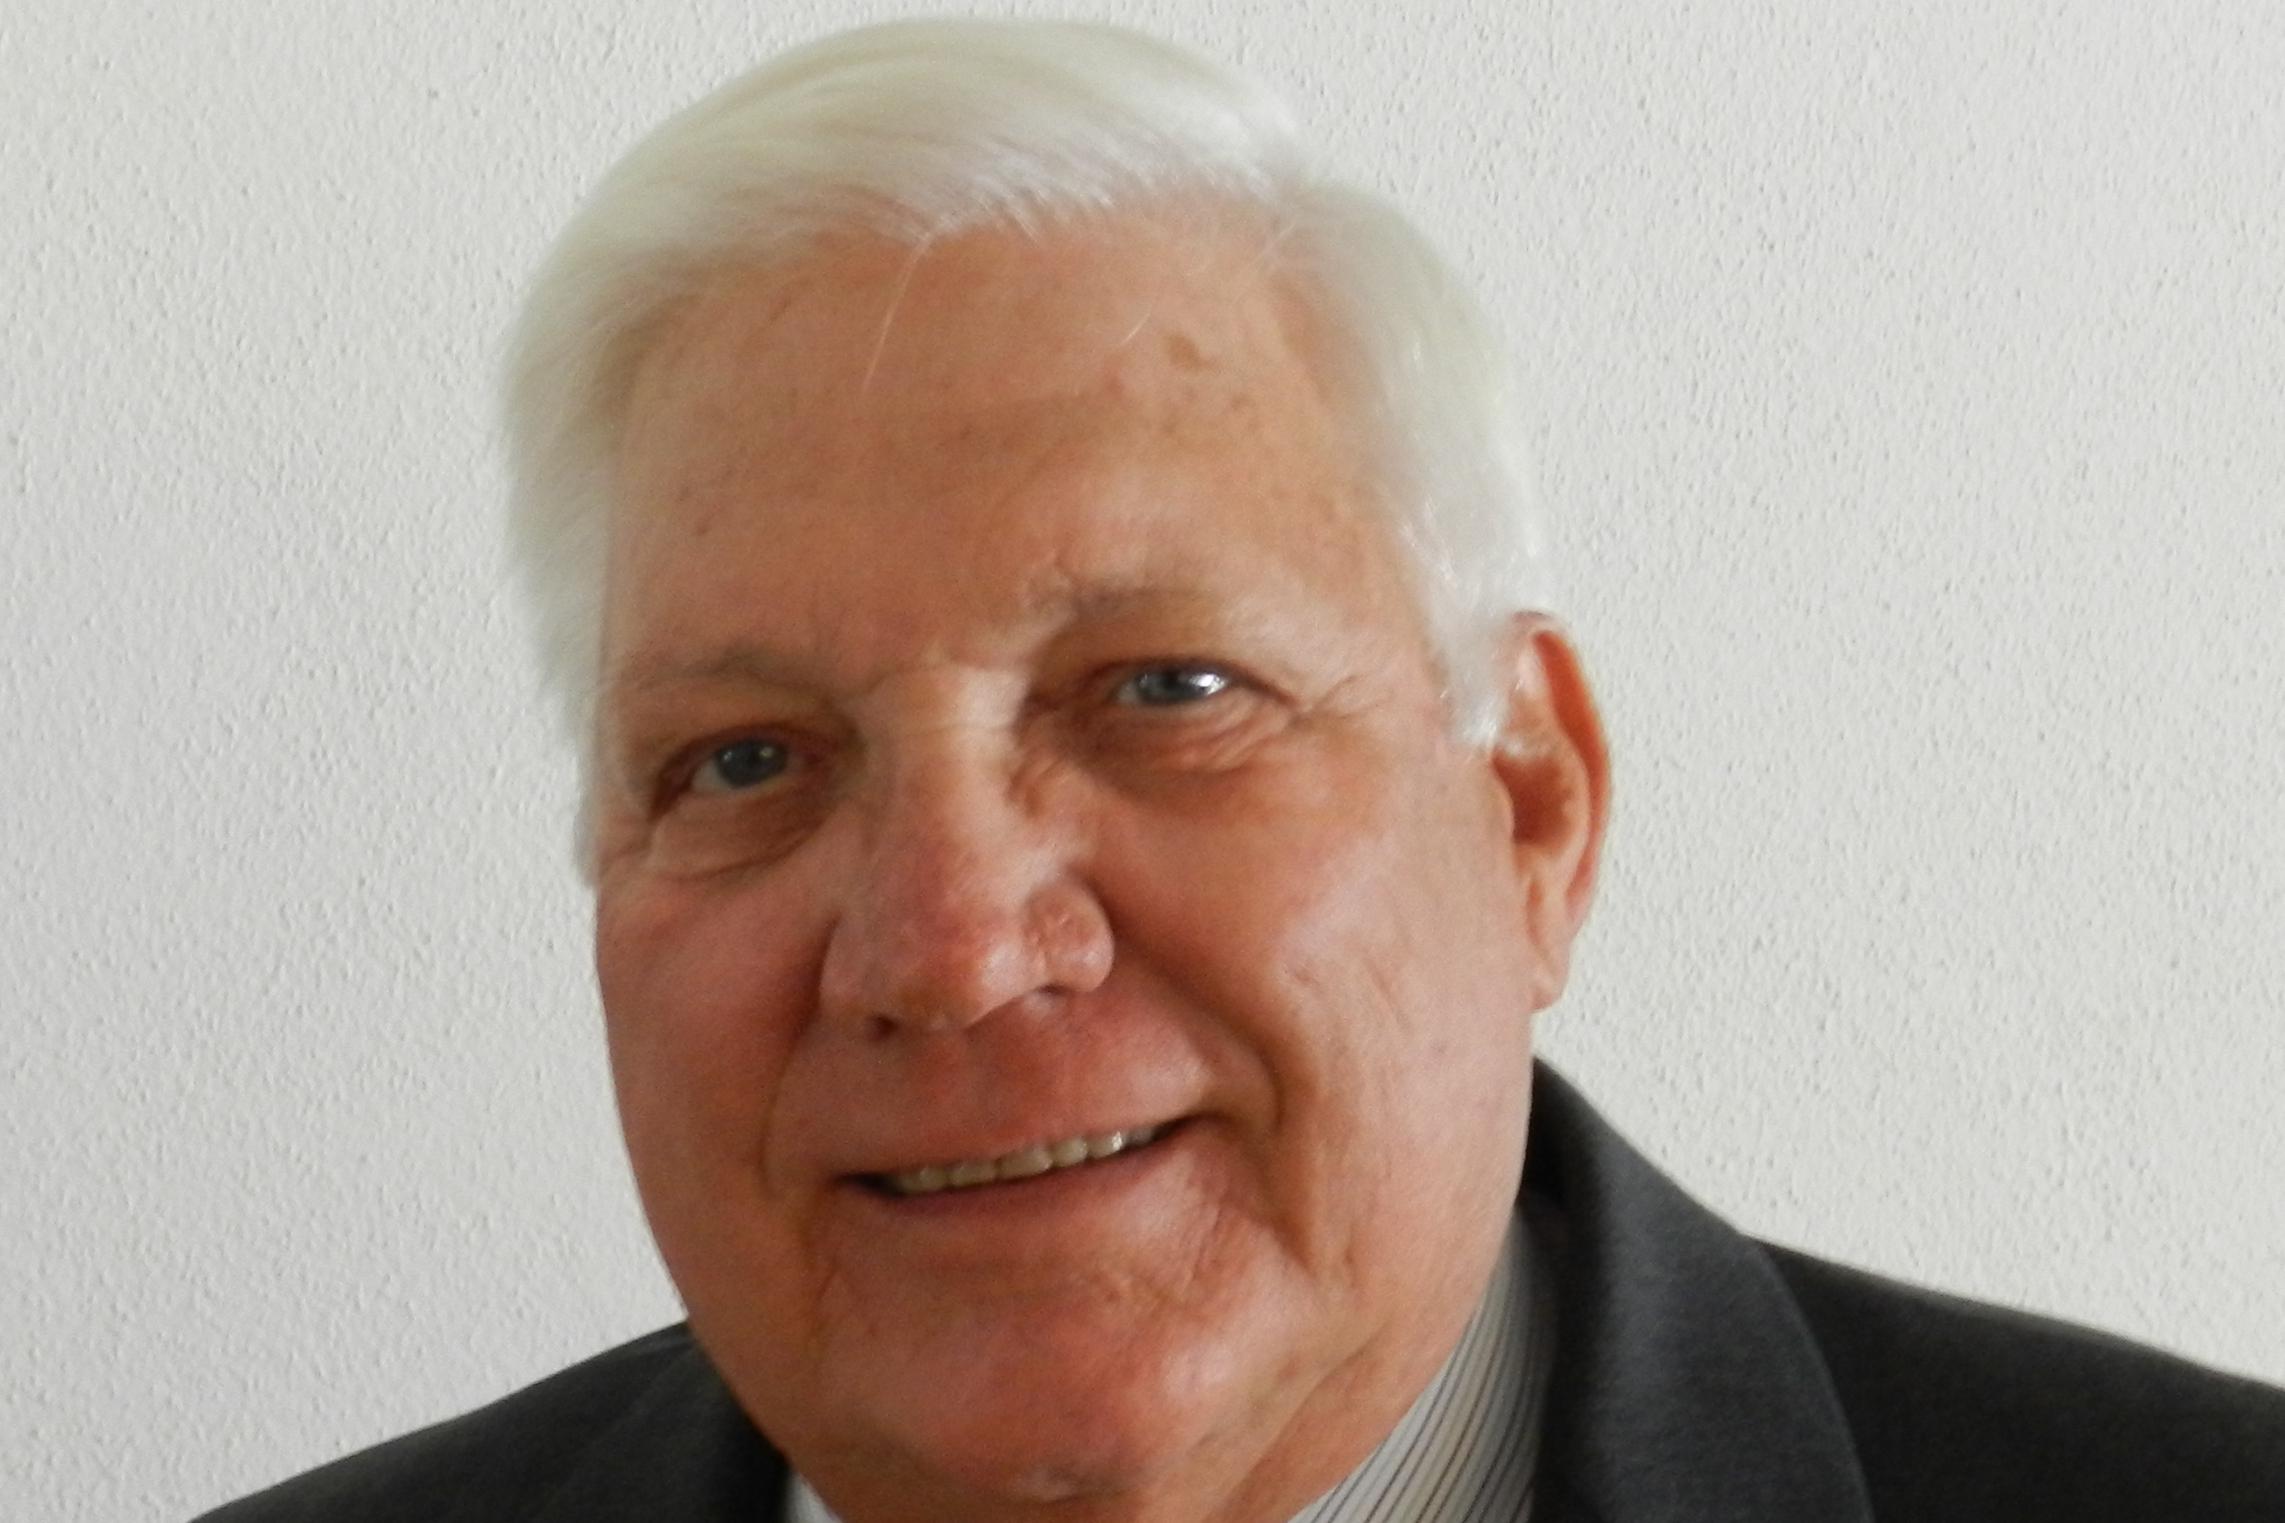 Jim Shipley